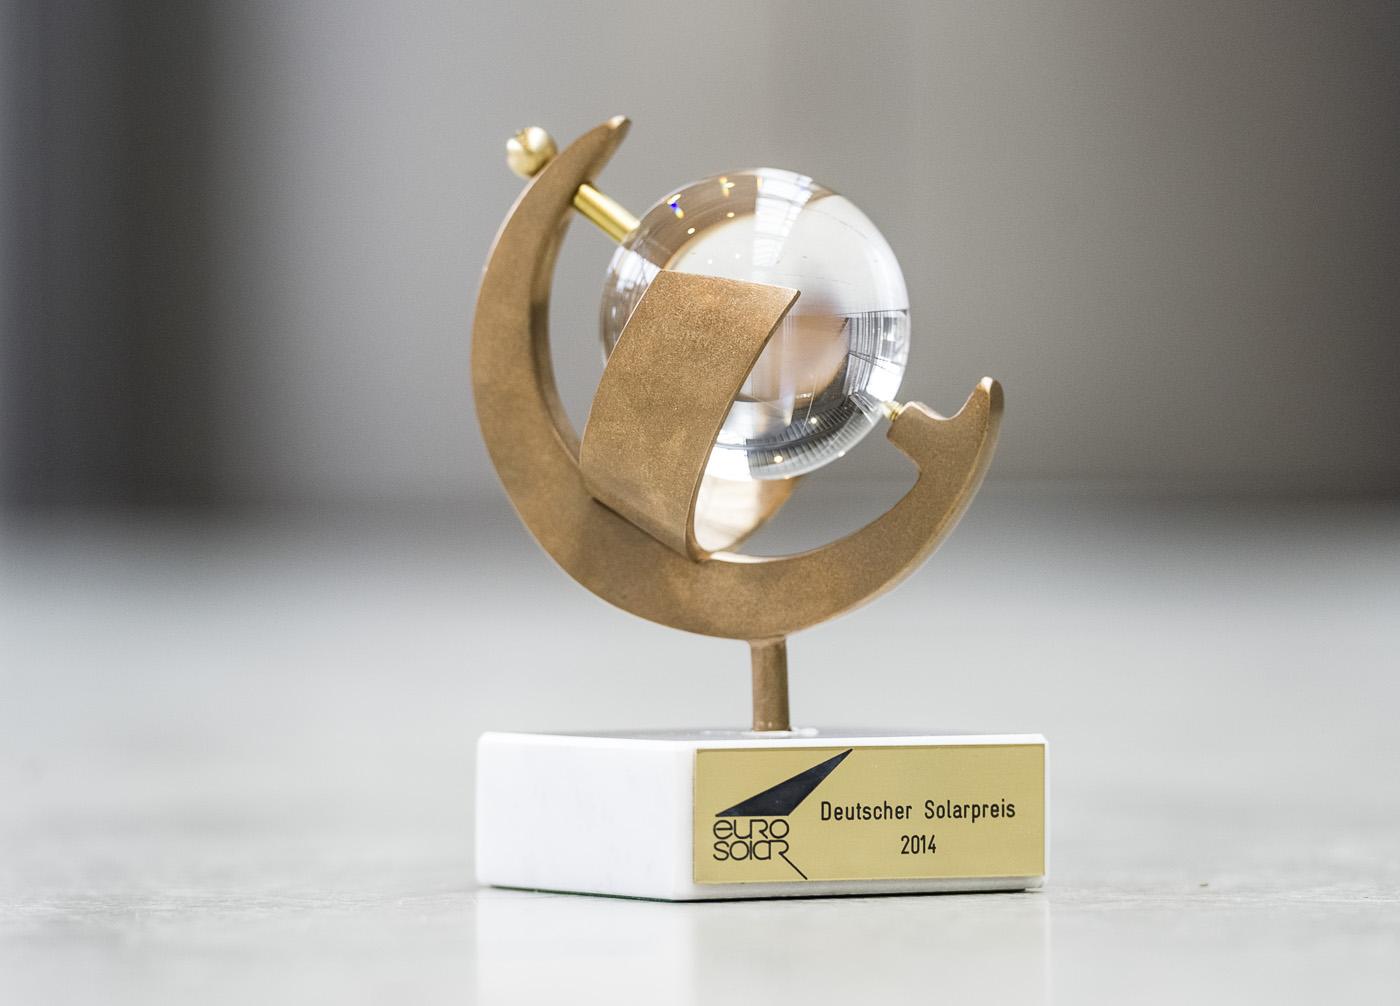 deutscher-solarpreis-2014-auszeichnung-daniel-schmitt